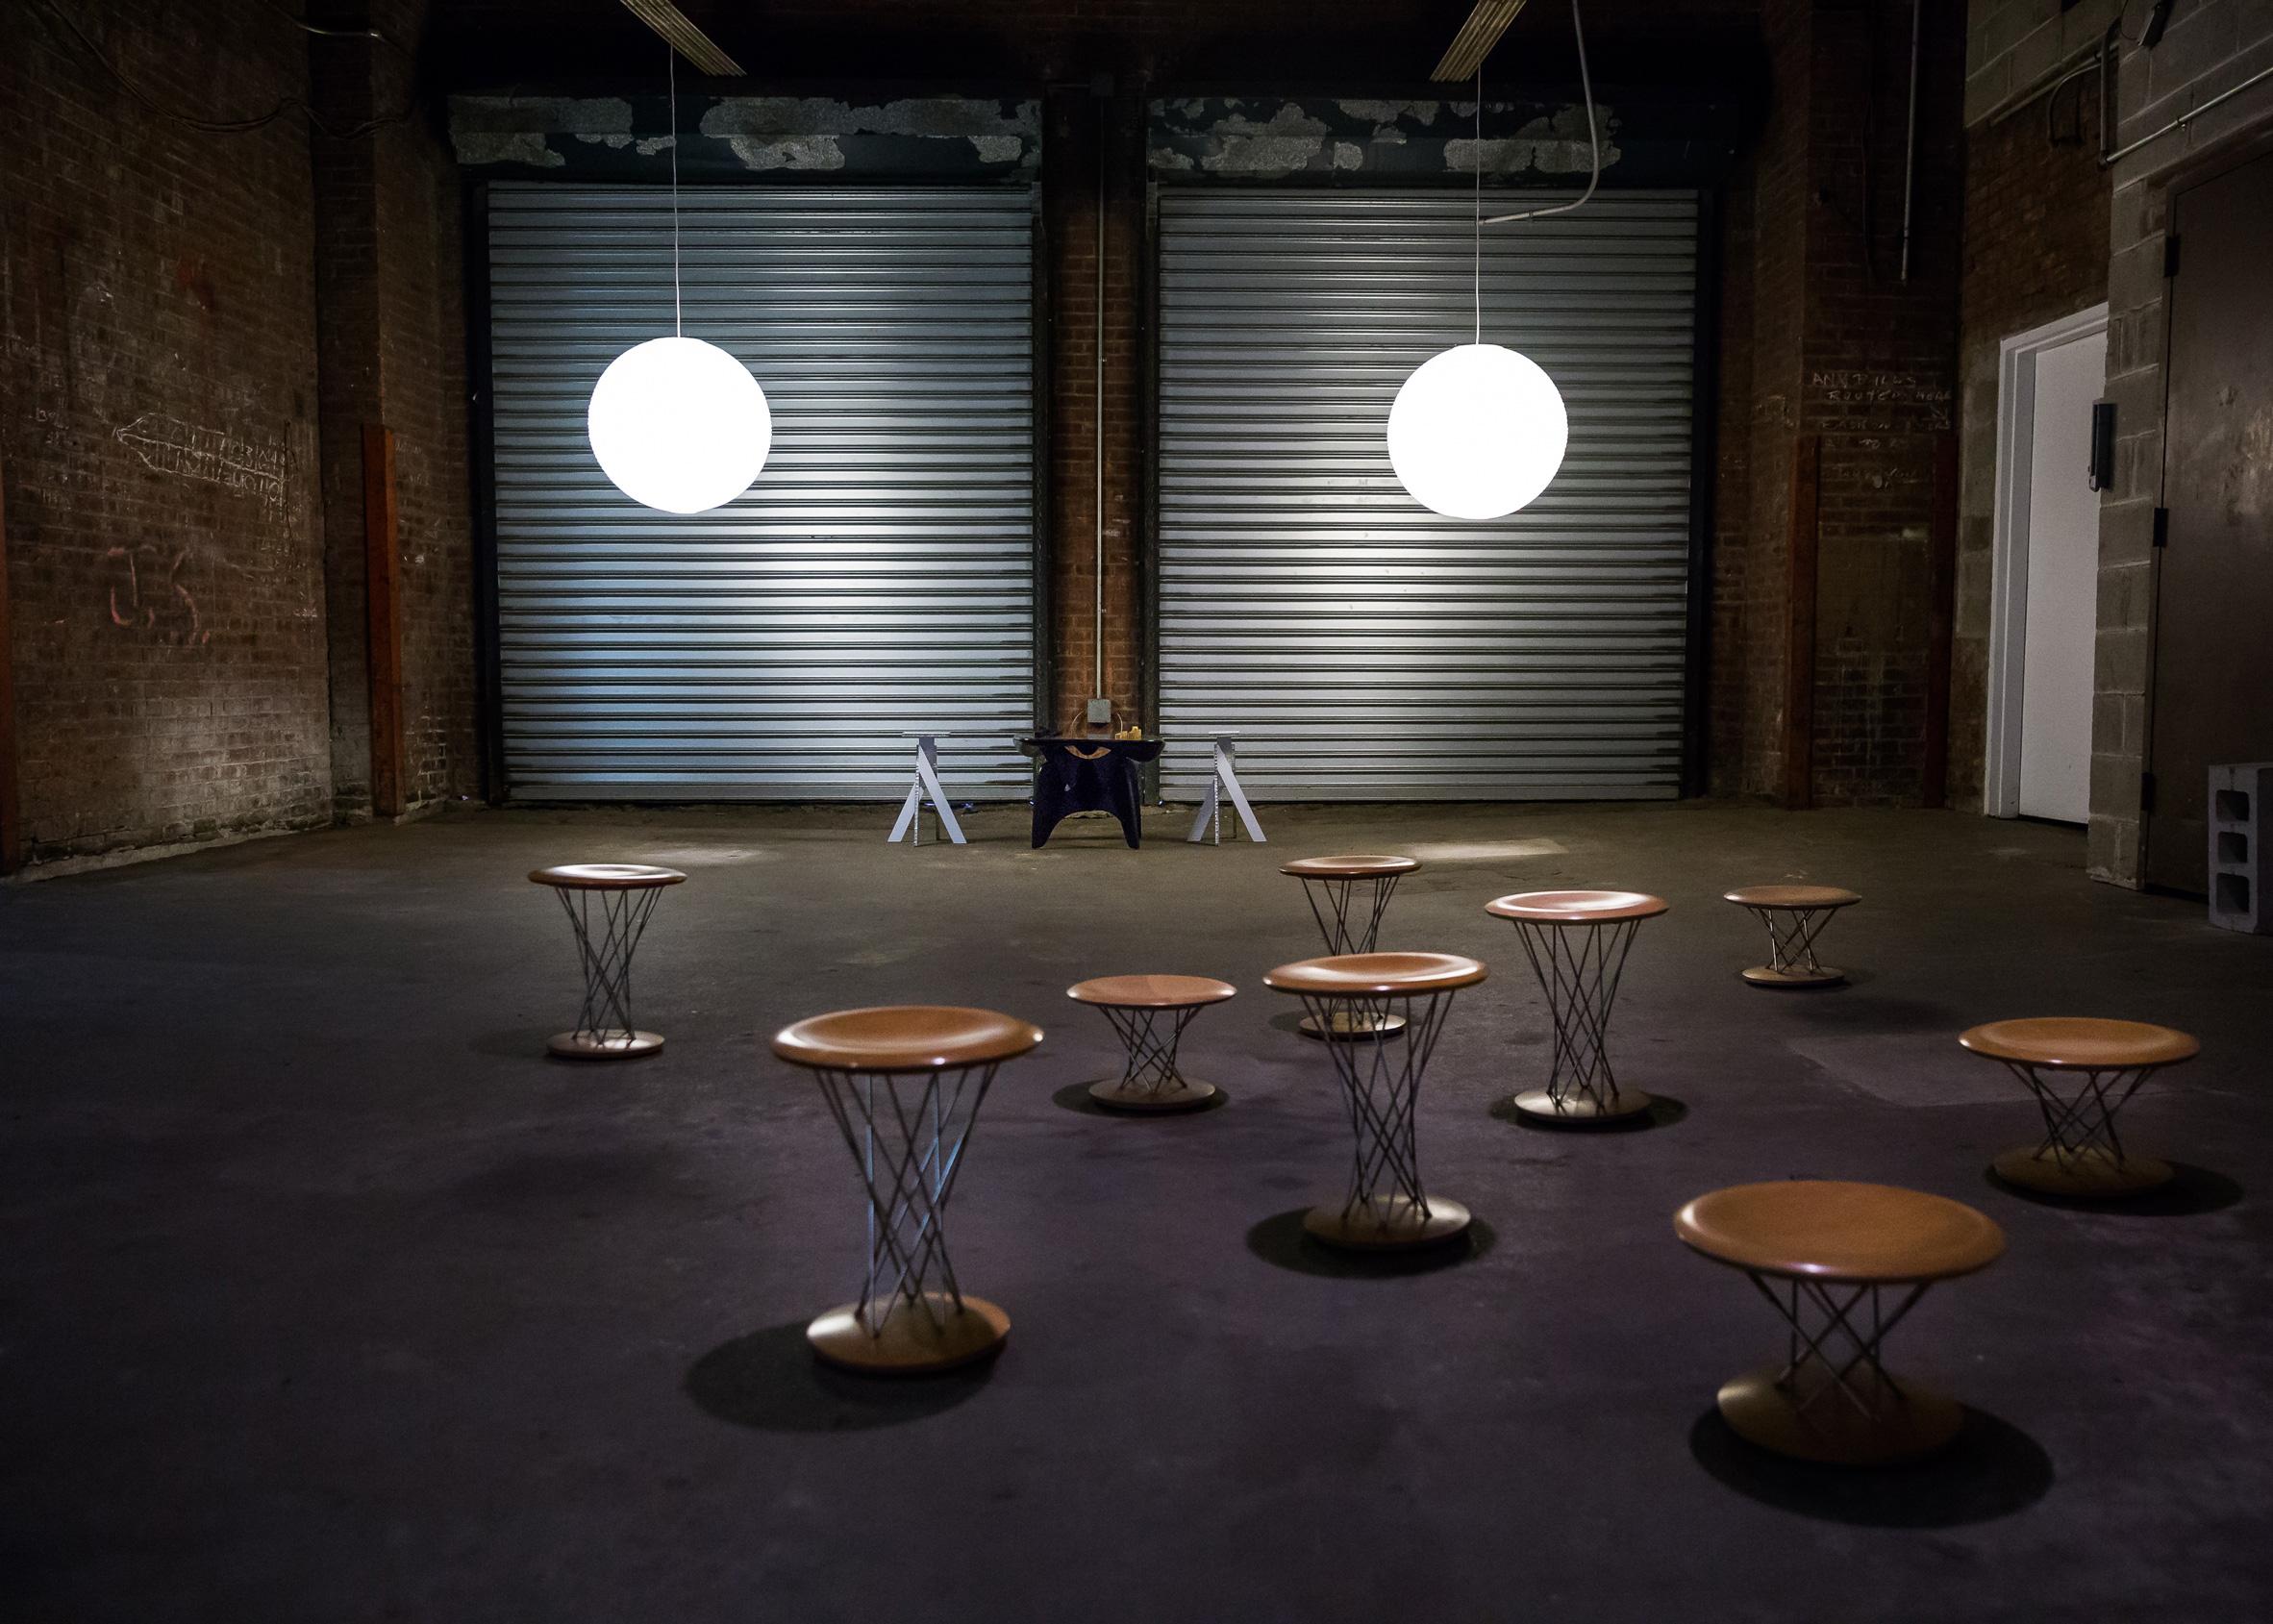 Robert Stadler x Isamu Noguchi installation at Collective Design 2017. Photograph by Scott Rudd